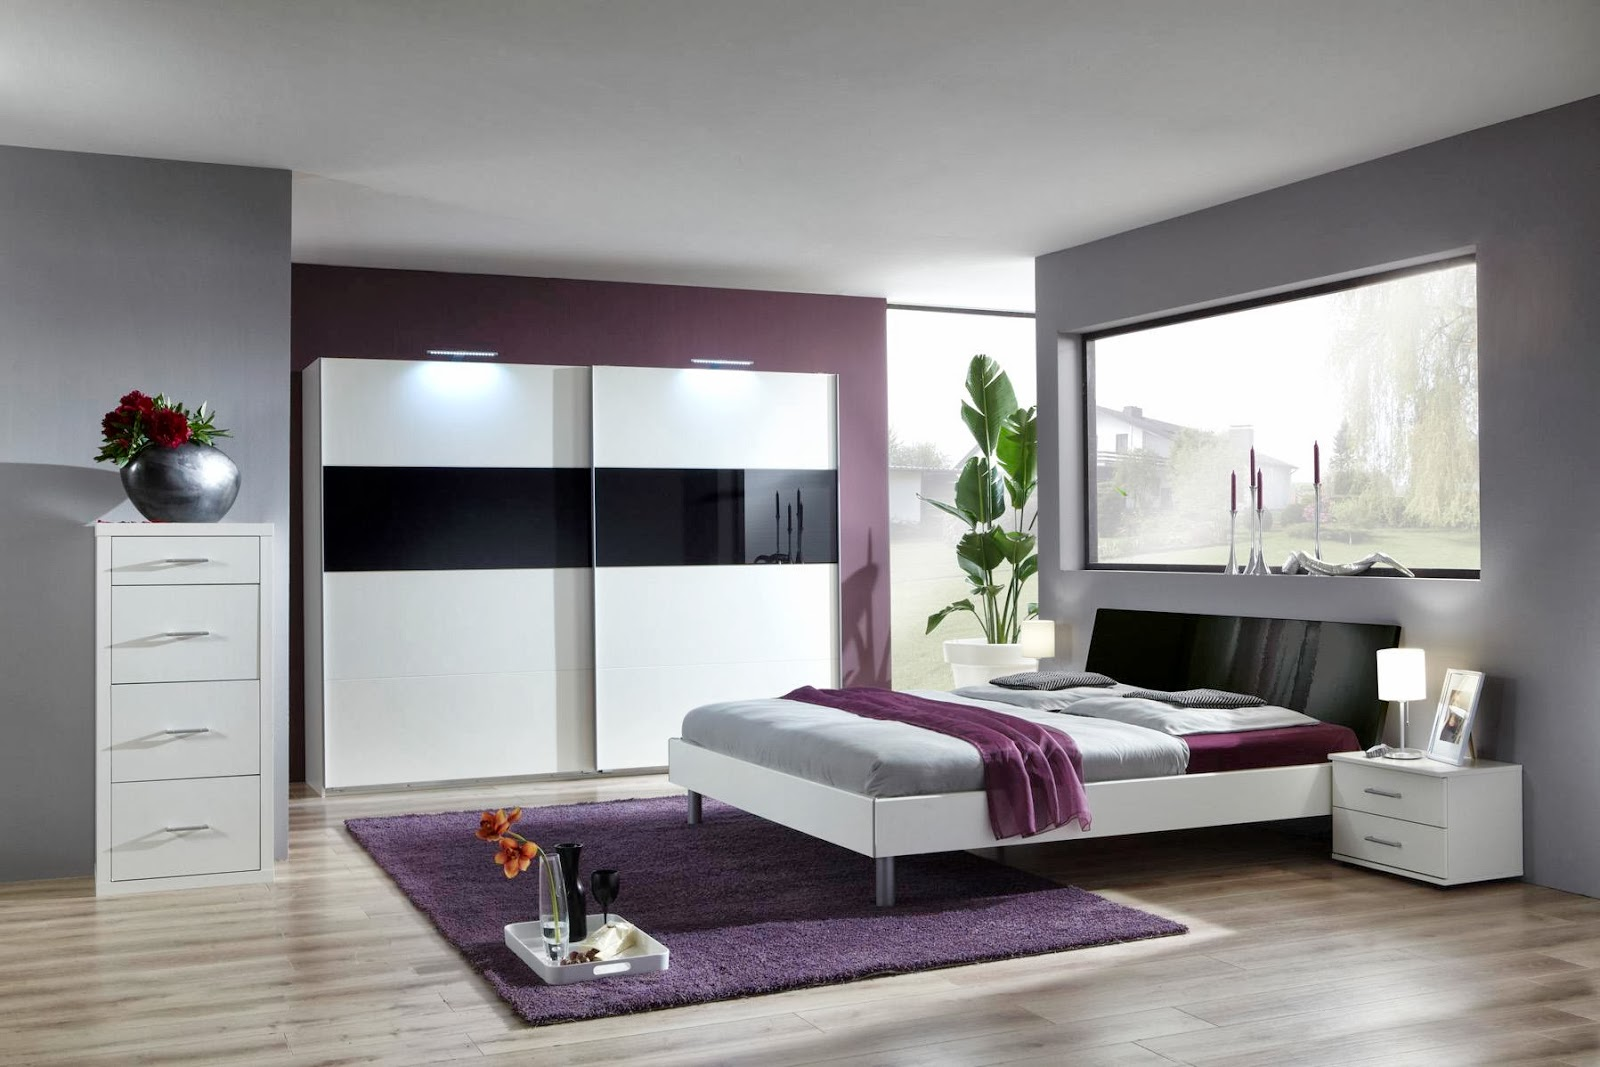 Decorer une chambre en ligne - Decorer une chambre mansardee ...